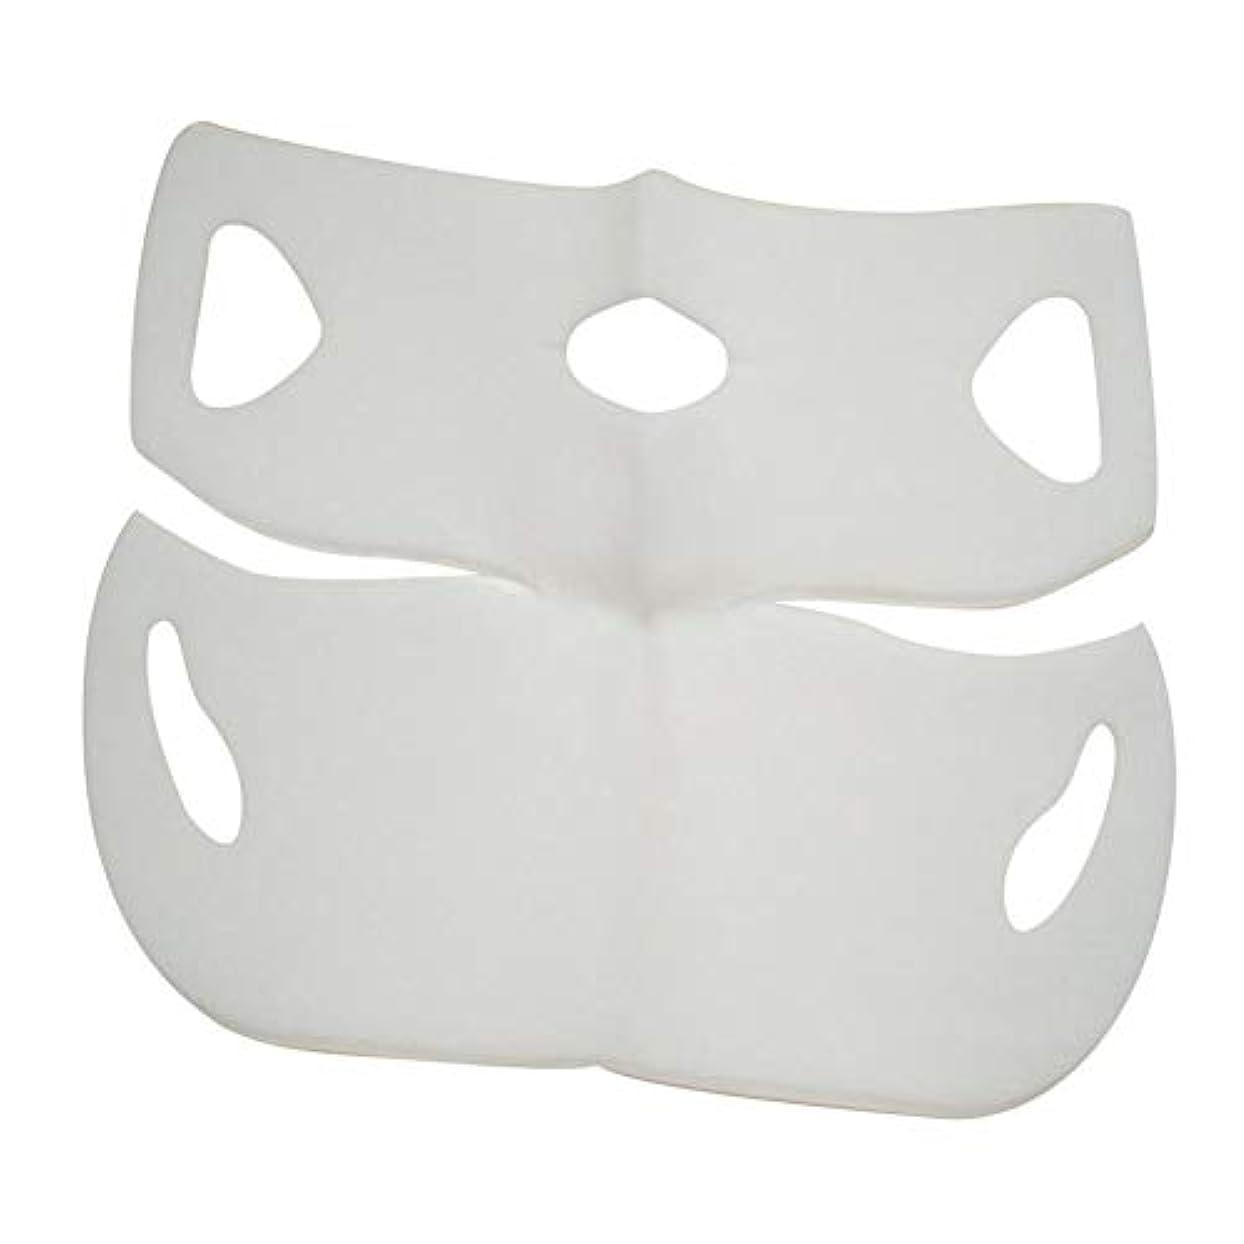 水っぽい策定する追い越すSILUN 最新型 4D Vフェイシャルマスク フェイスマスク 小顔 マスク フェイスラインベルト 美顔 顔痩せ 肌ケア 保湿 毛細血管収縮 睡眠マスク